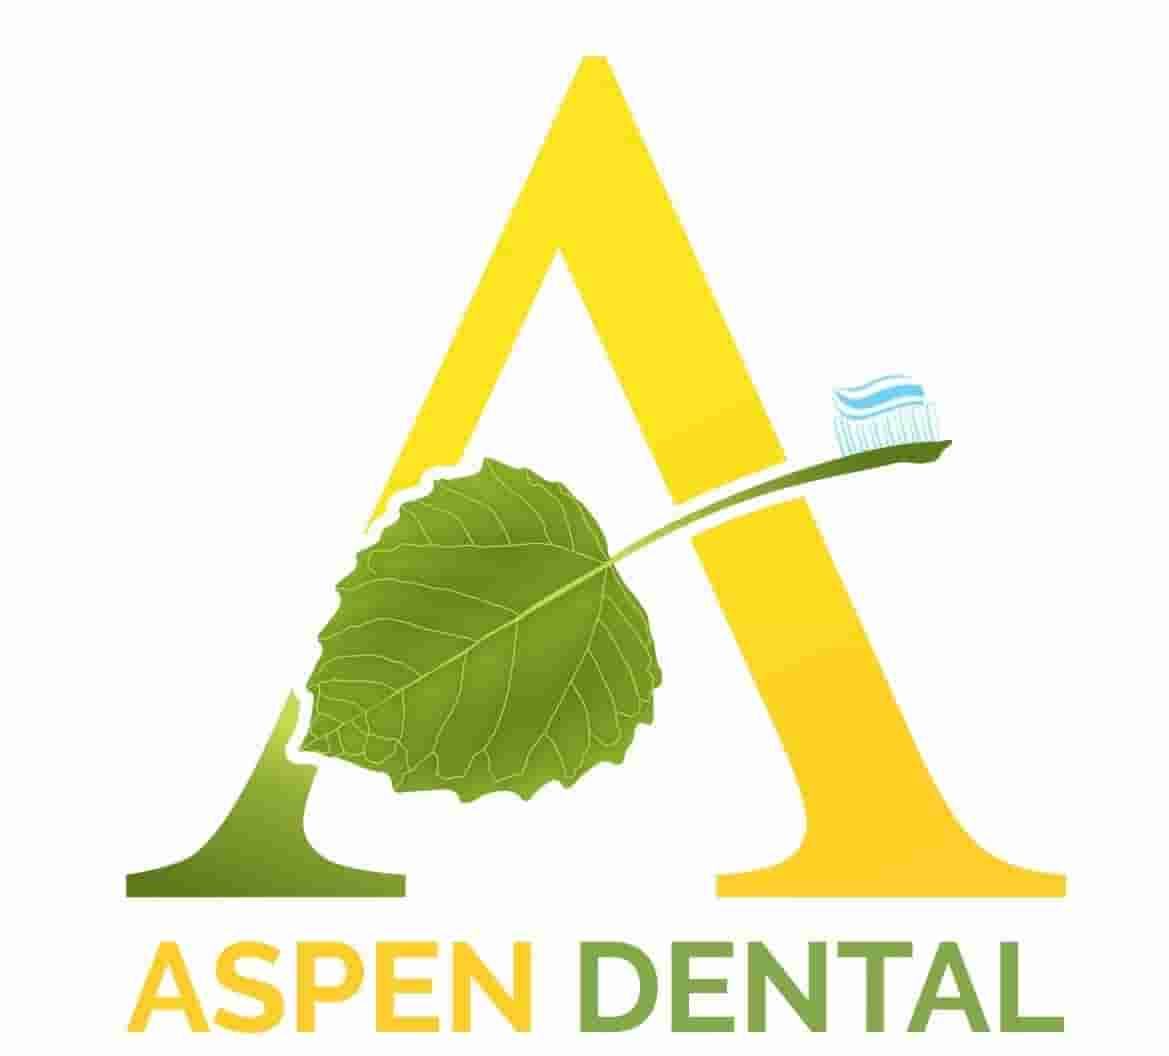 Aspen Dentals